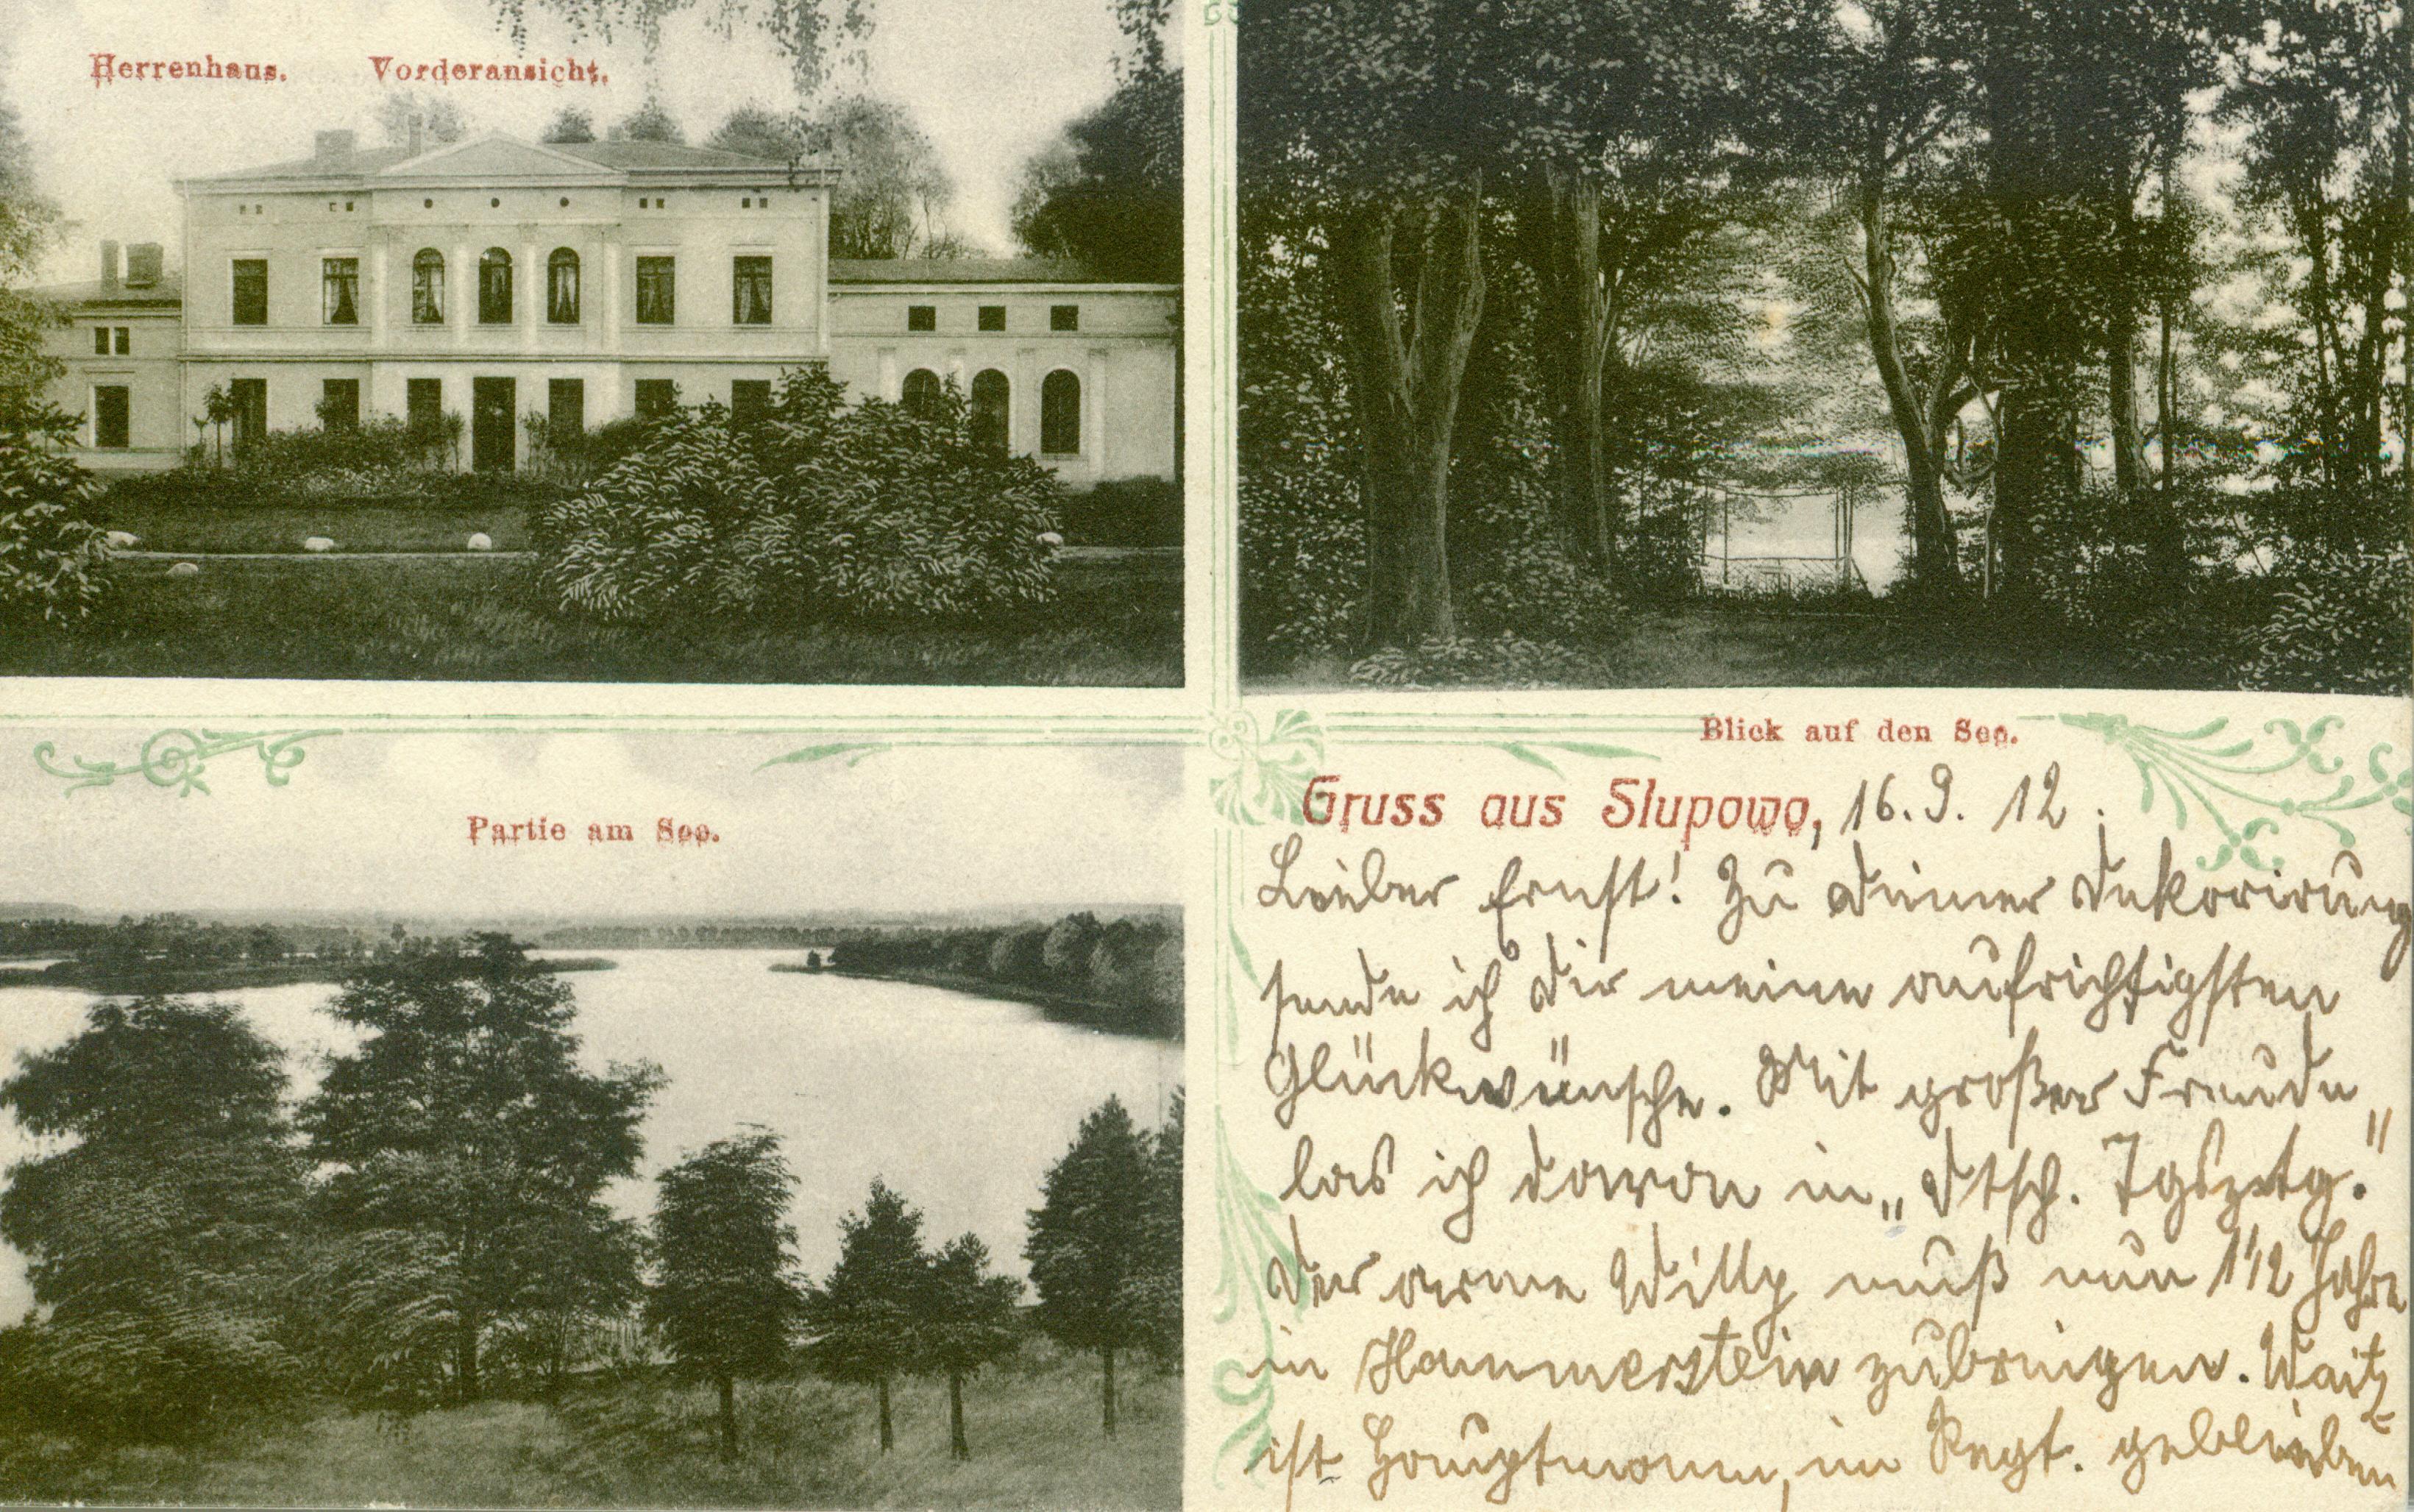 Słupowo pow. Bydgoszcz, kujawsko-pomorskie